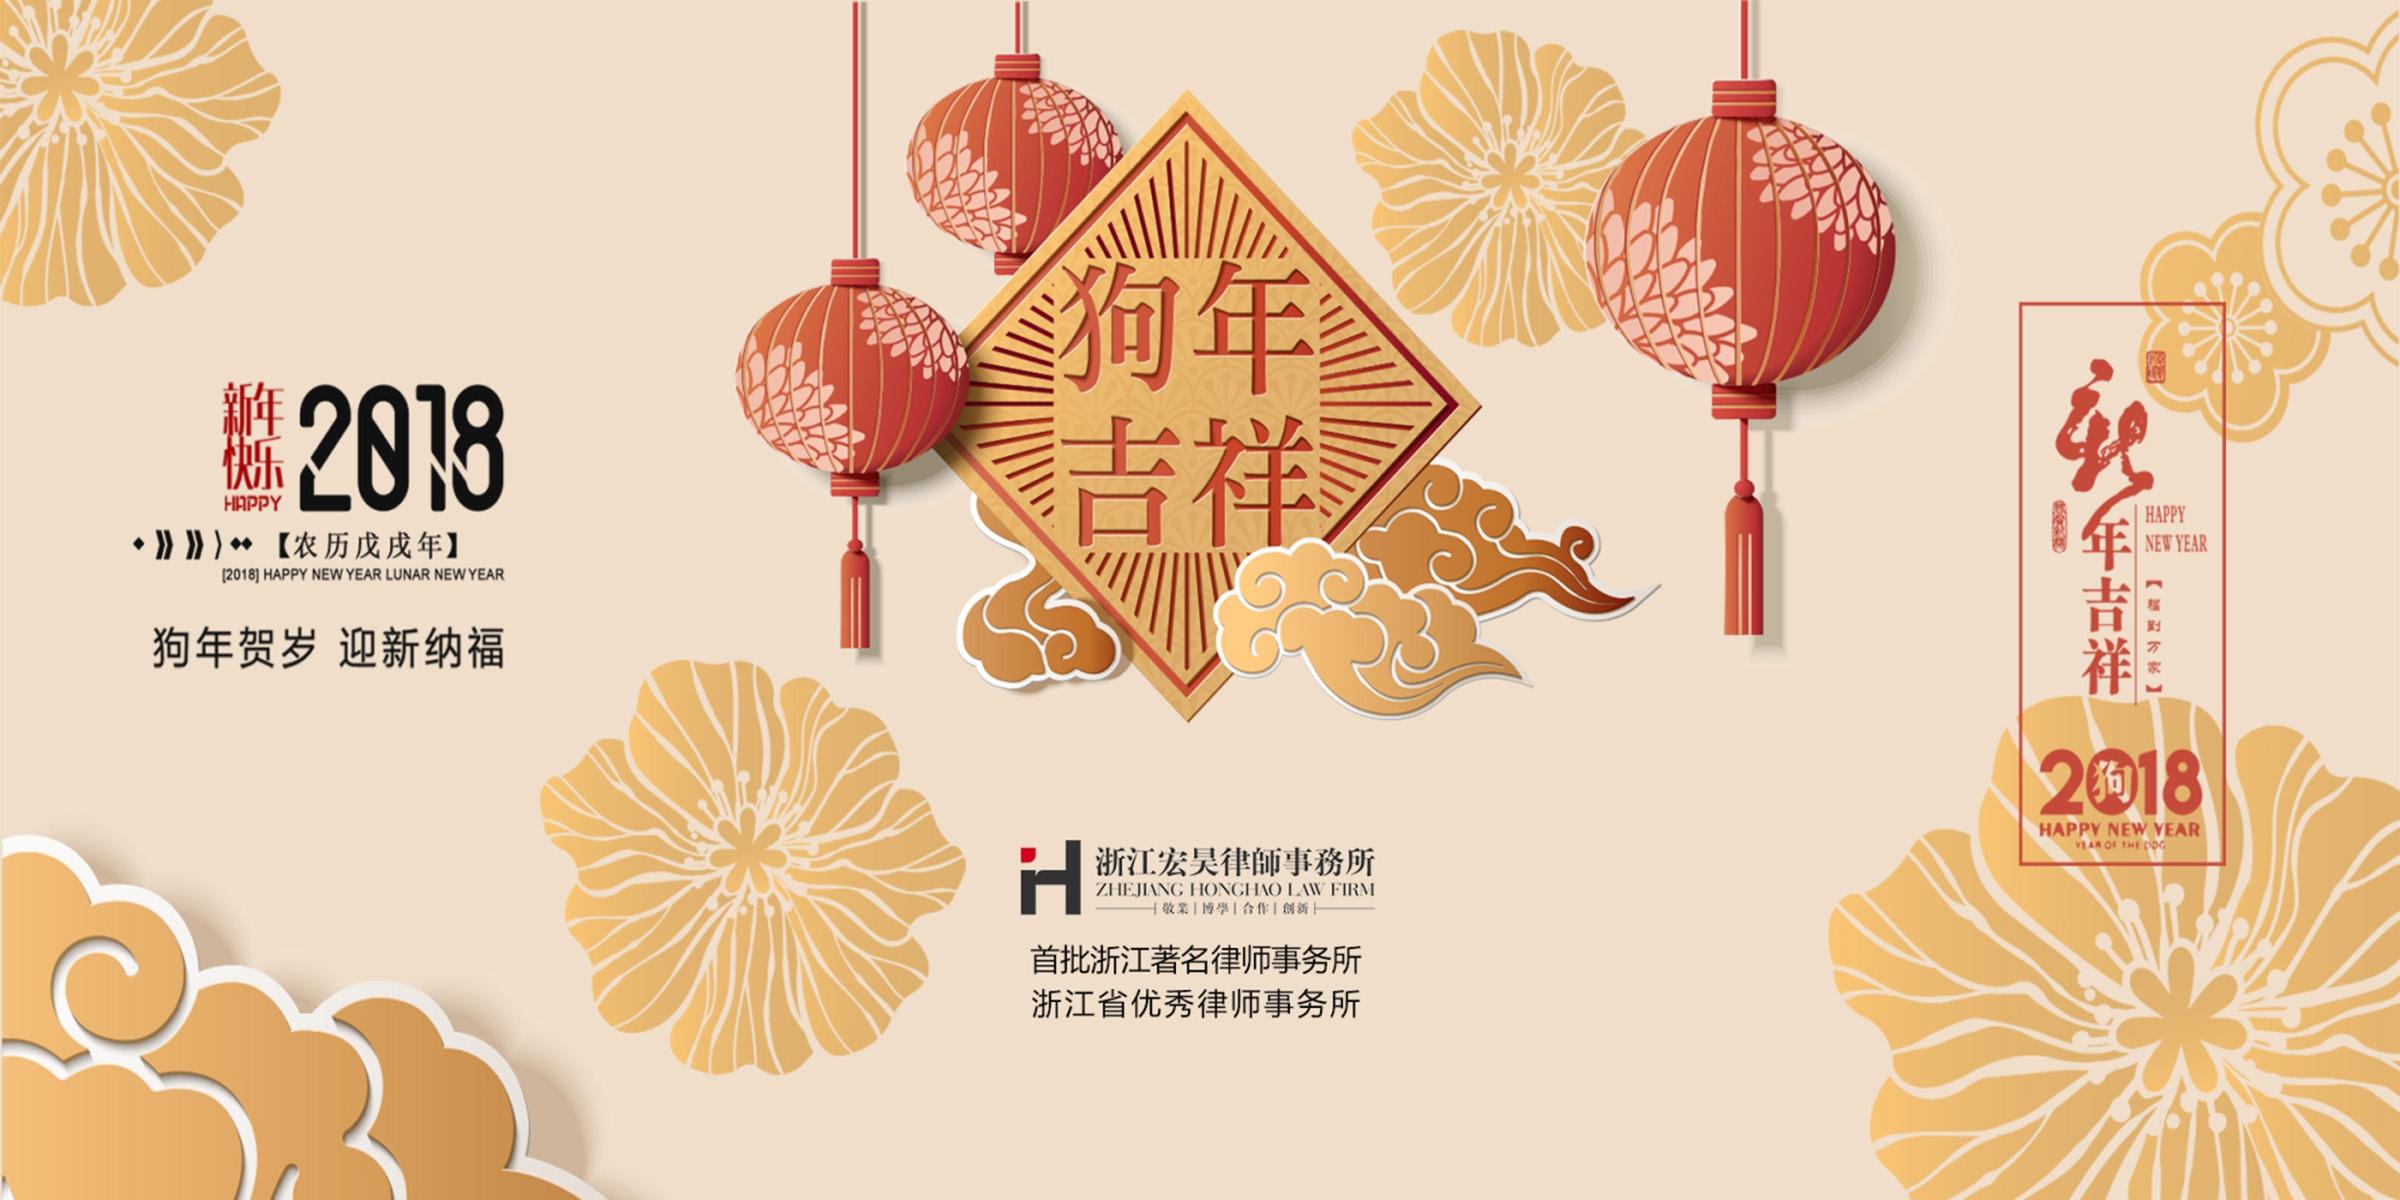 浙江宏昊律师事务所恭祝新春大吉!